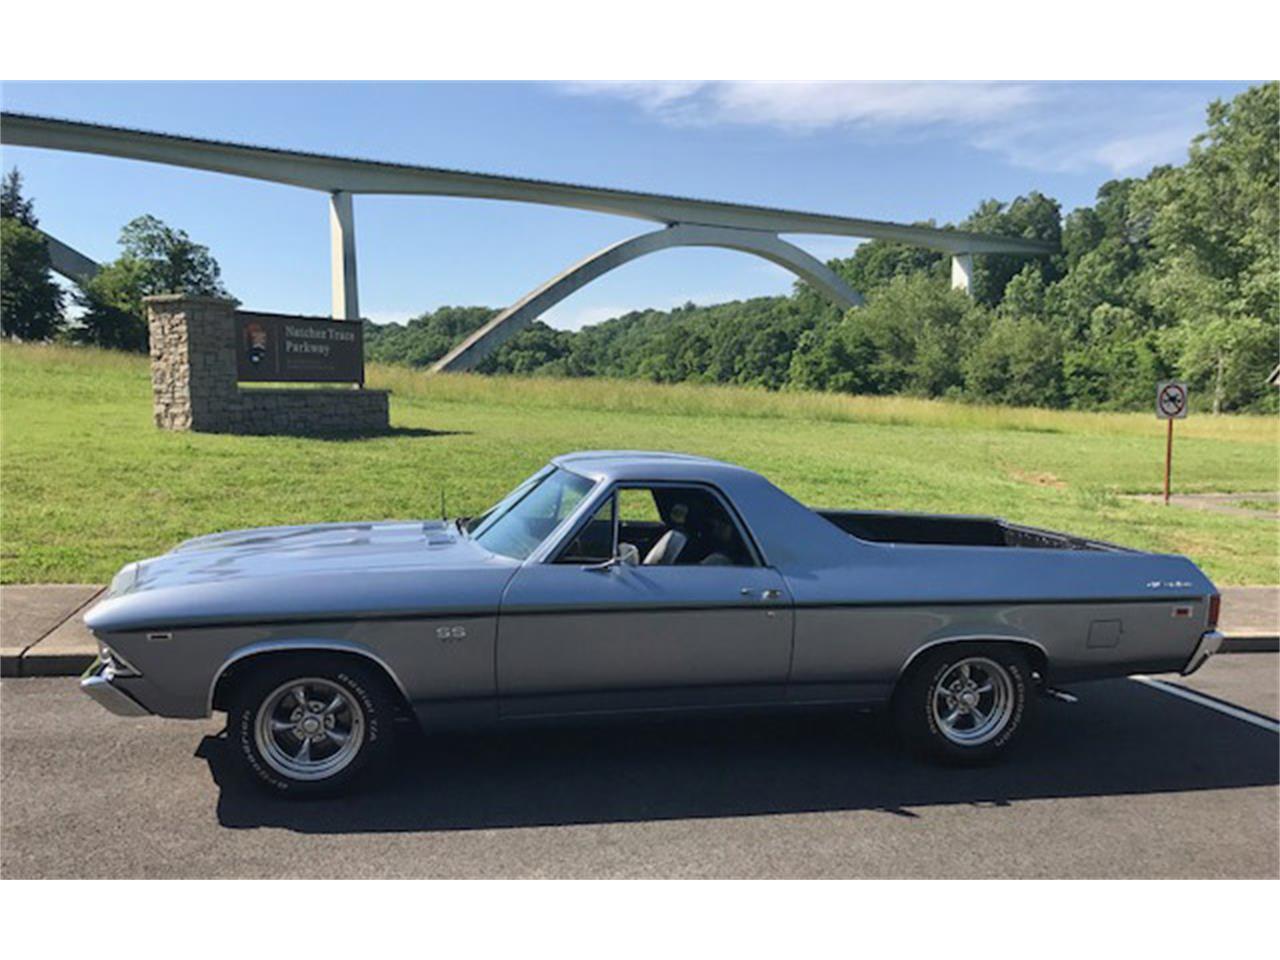 1969 Chevrolet El Camino Ss For Sale Classiccars Com Cc 1152147